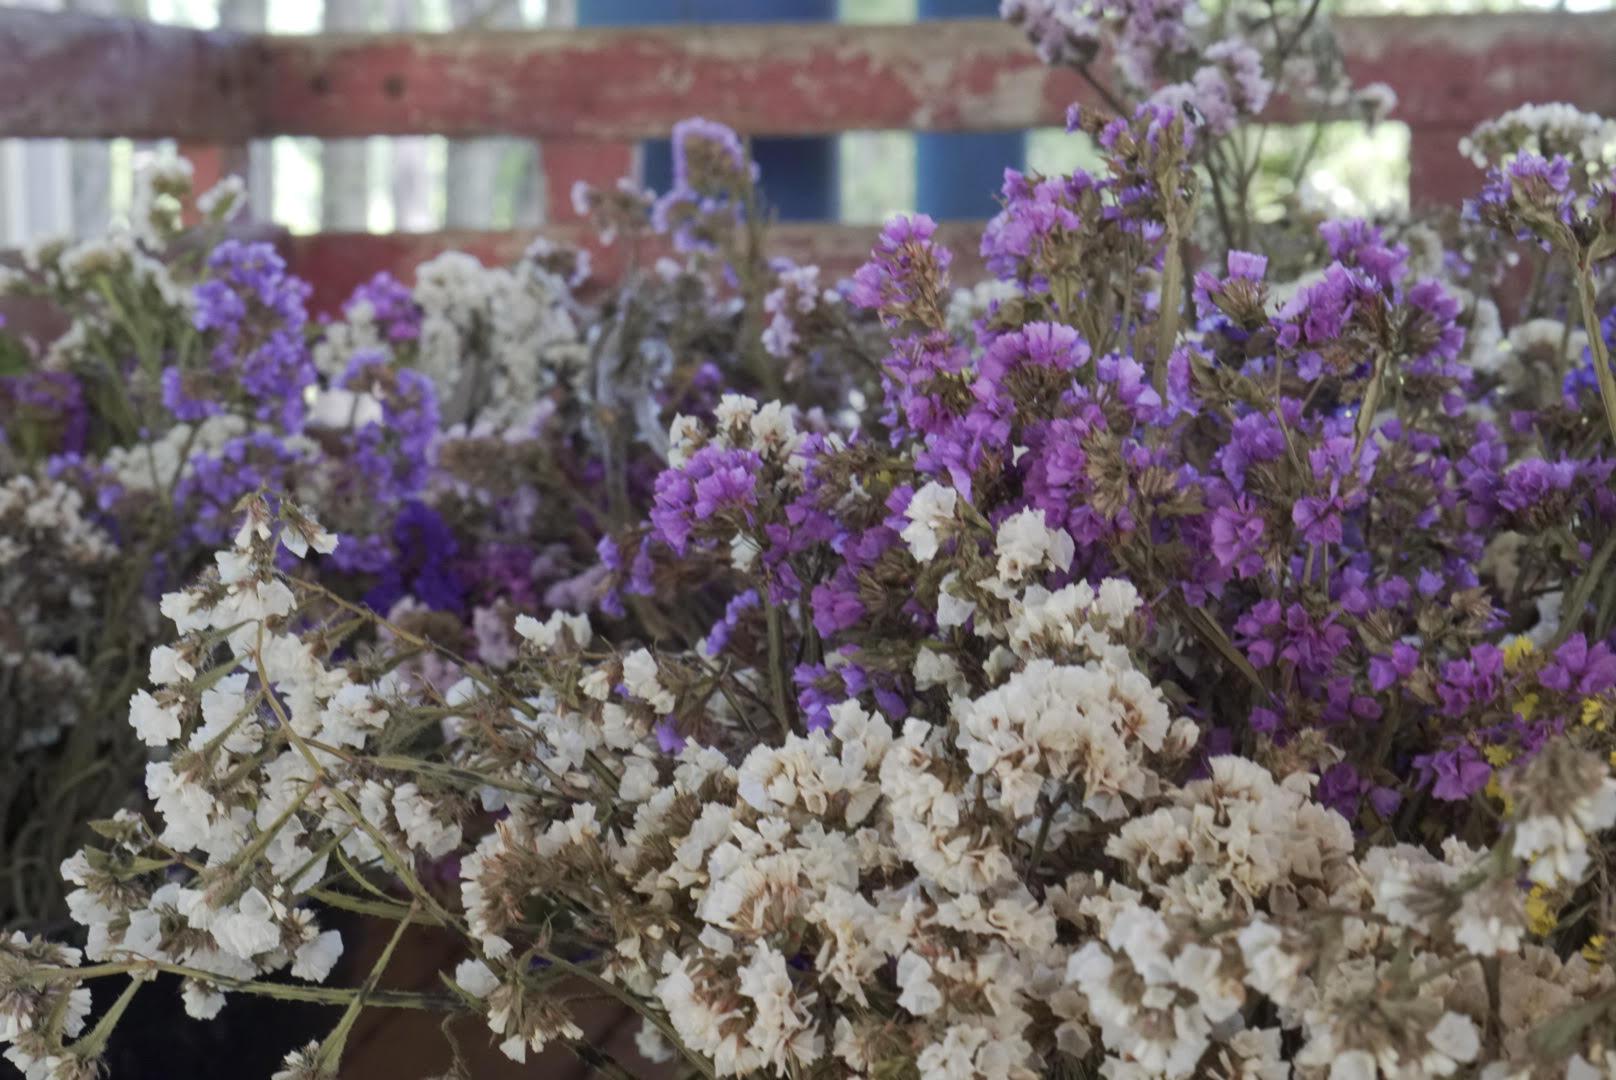 Foto colorida horizontal mostra ramos da flor statice em primeiro plano, nas cores branco e roxo